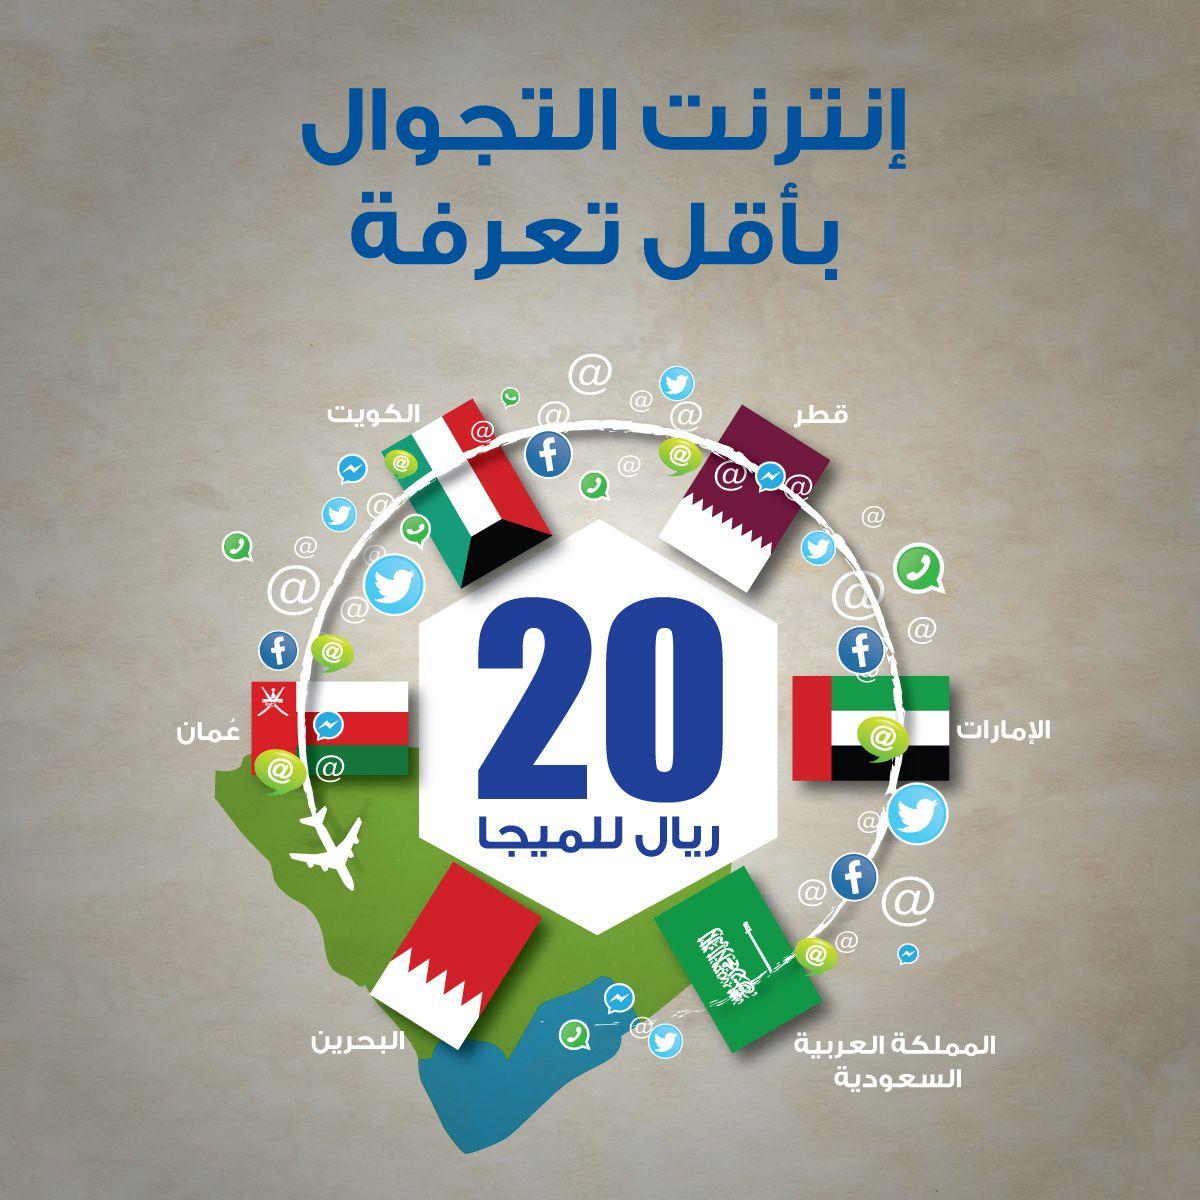 عرض تجوال الانترنت 20 ر ي للميجا هذا العرض لمشتركين خطوط الفوترة وبإمكان خطوط الدفع المسبق الإستفادة من هذه الخدمة في السعودية فق Gaming Logos Business Logos